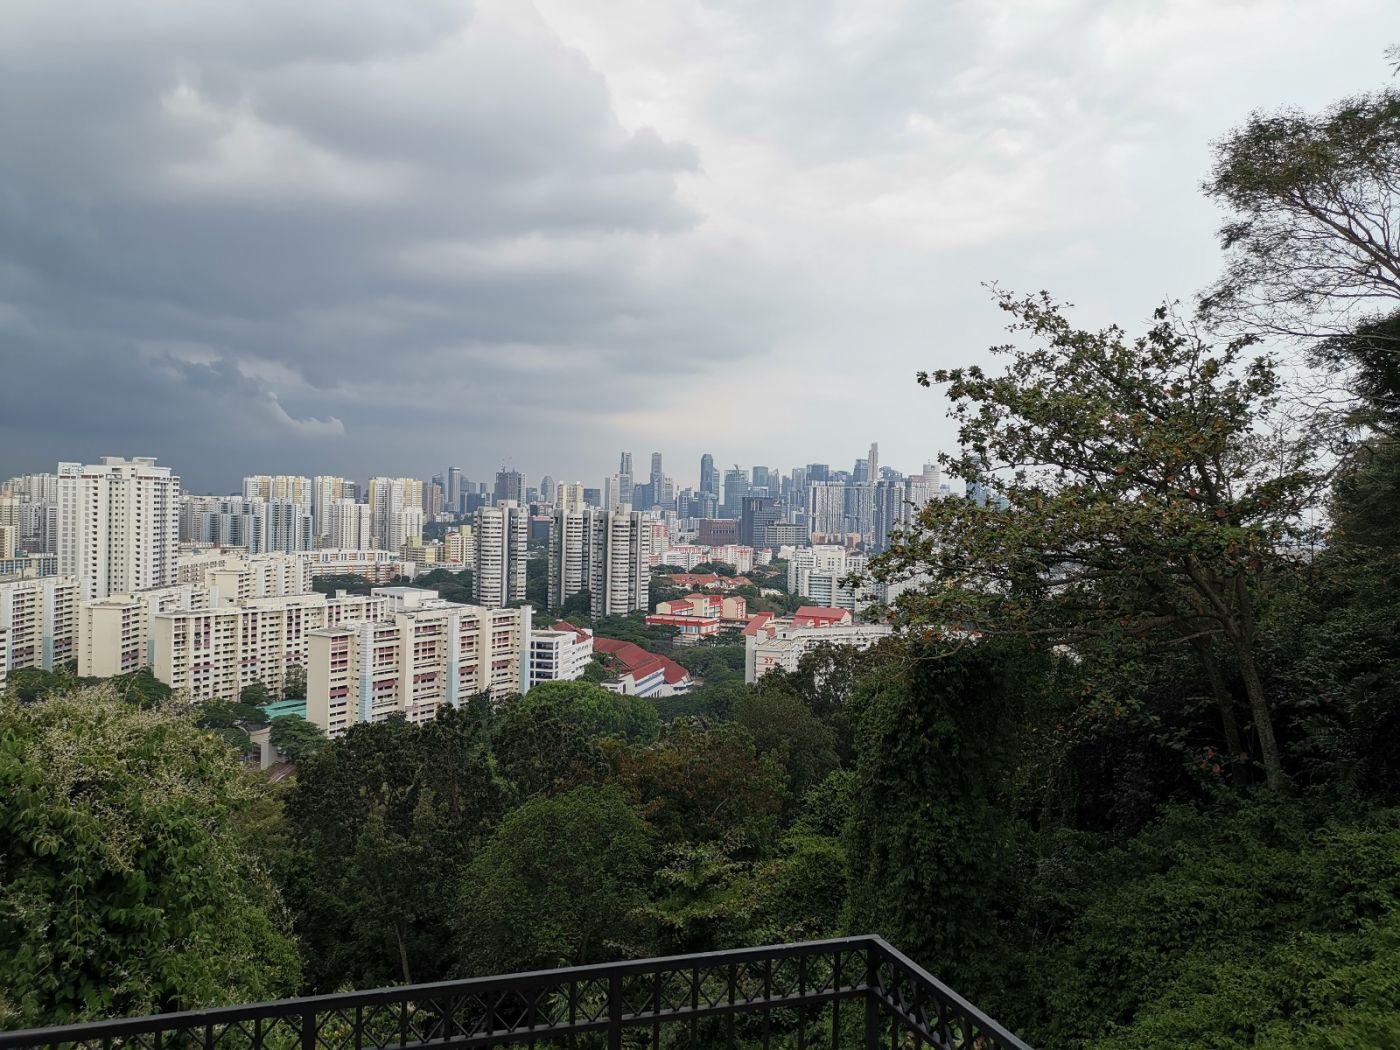 华为手机照片(新加坡、马来西亚)_图1-4